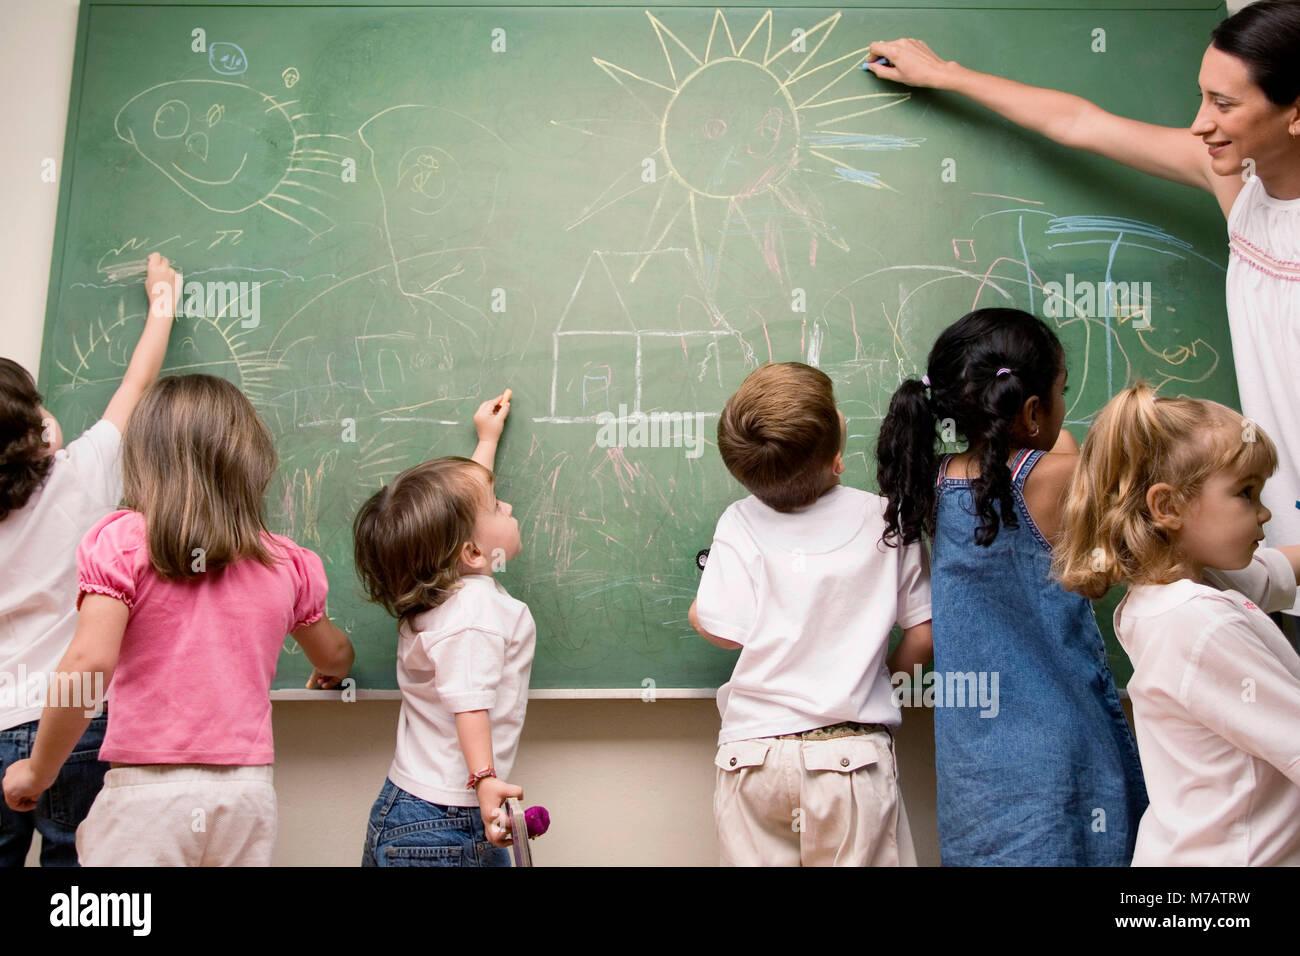 Weibliche Lehrer unterrichten ihre Schüler in einem Klassenzimmer Stockbild 2859e348d4